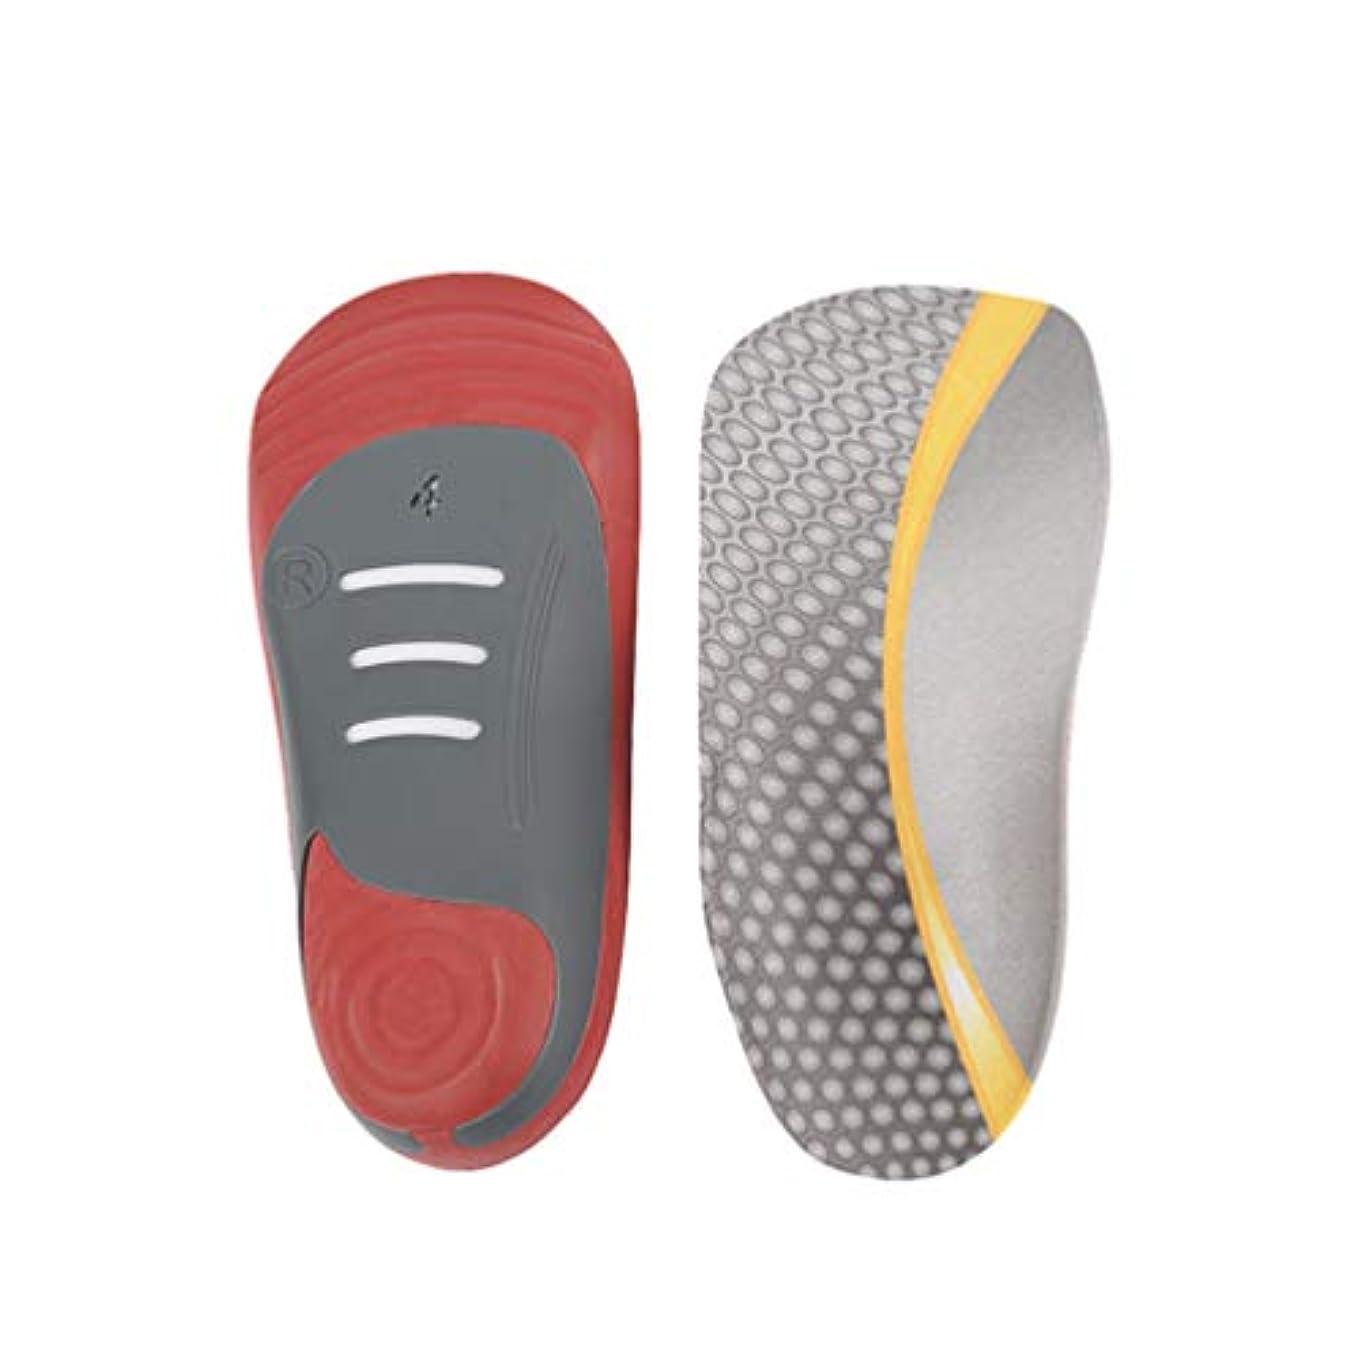 メディック好戦的な楽観[Healifty] 1ペアの足底筋膜炎のインソールアーチサポートインソール矯正的な増加挿入フラットフィートハイアーチフット痛みサポート女性男性痛み緩和ヒールスパーズ